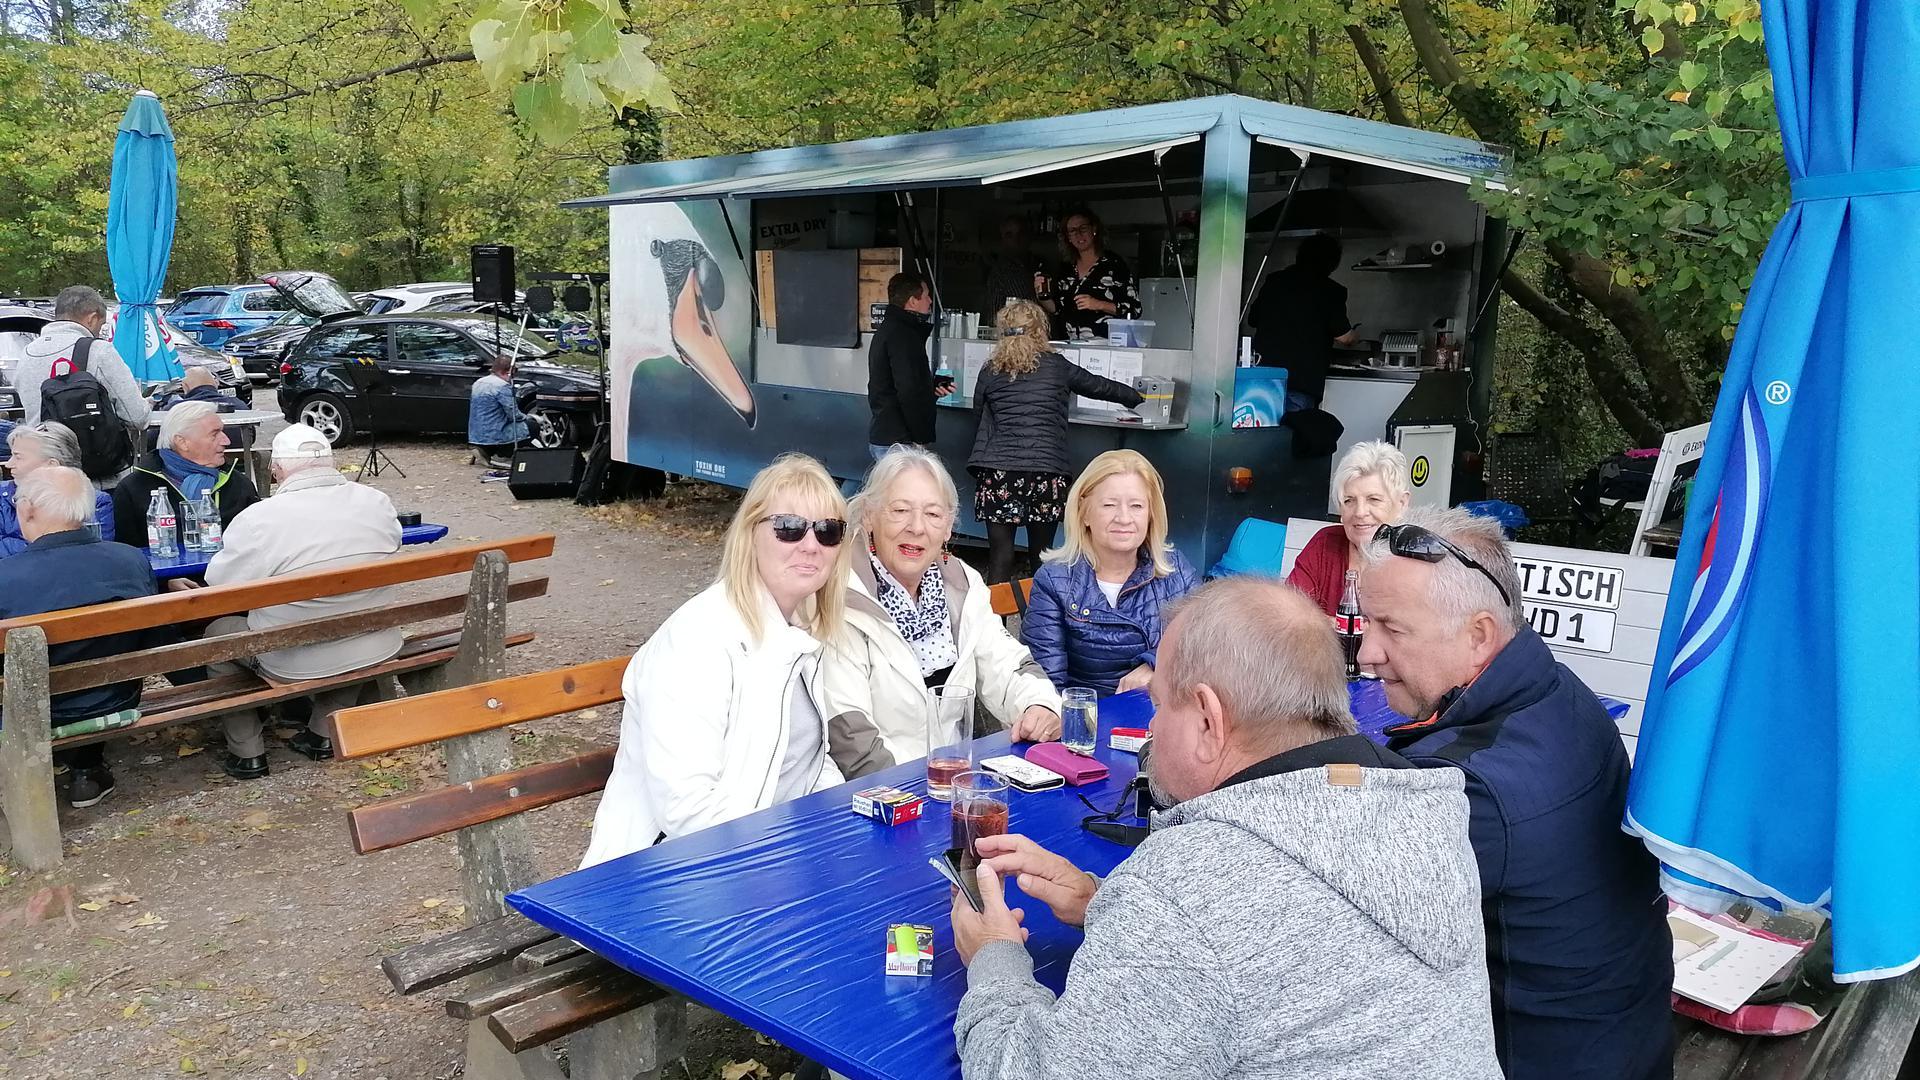 Vier Frauen und zwei Männer sitzen am Stammtisch, im Hintergrund ist der Kiosk-Anhänger zu sehen.